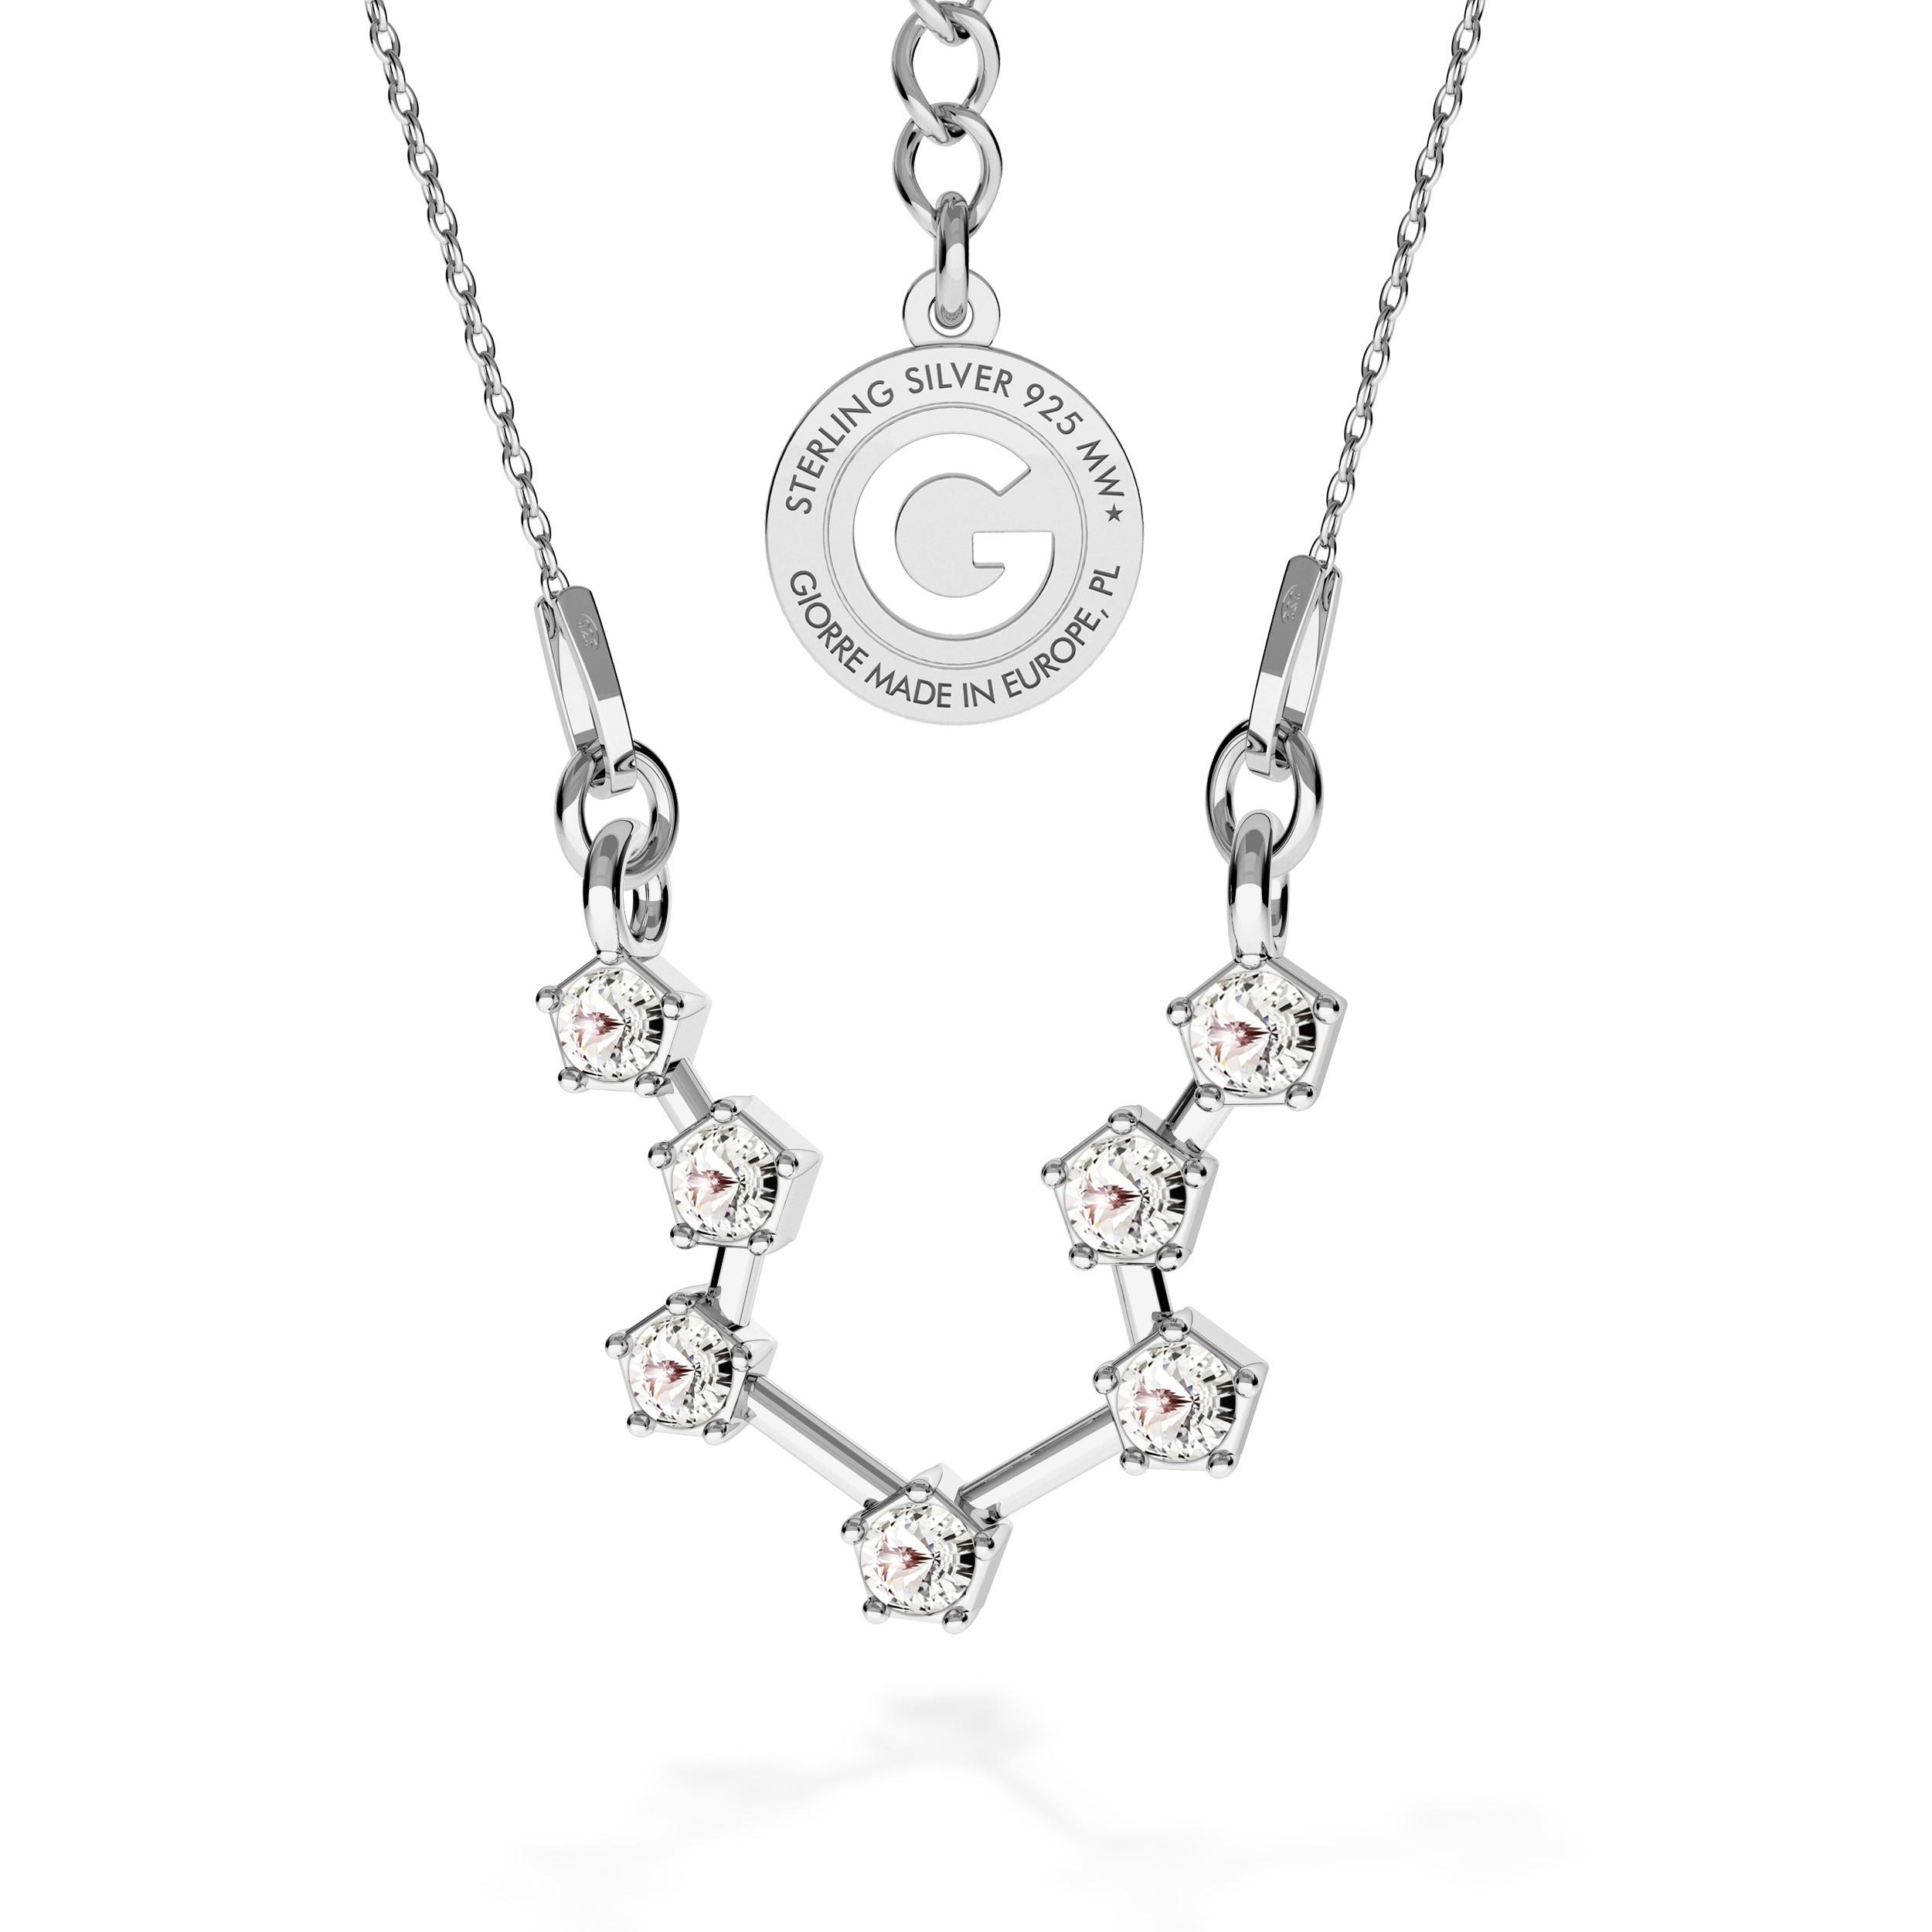 AQUARIUS zodiac sign necklace with Swarovski Crystals silver 925